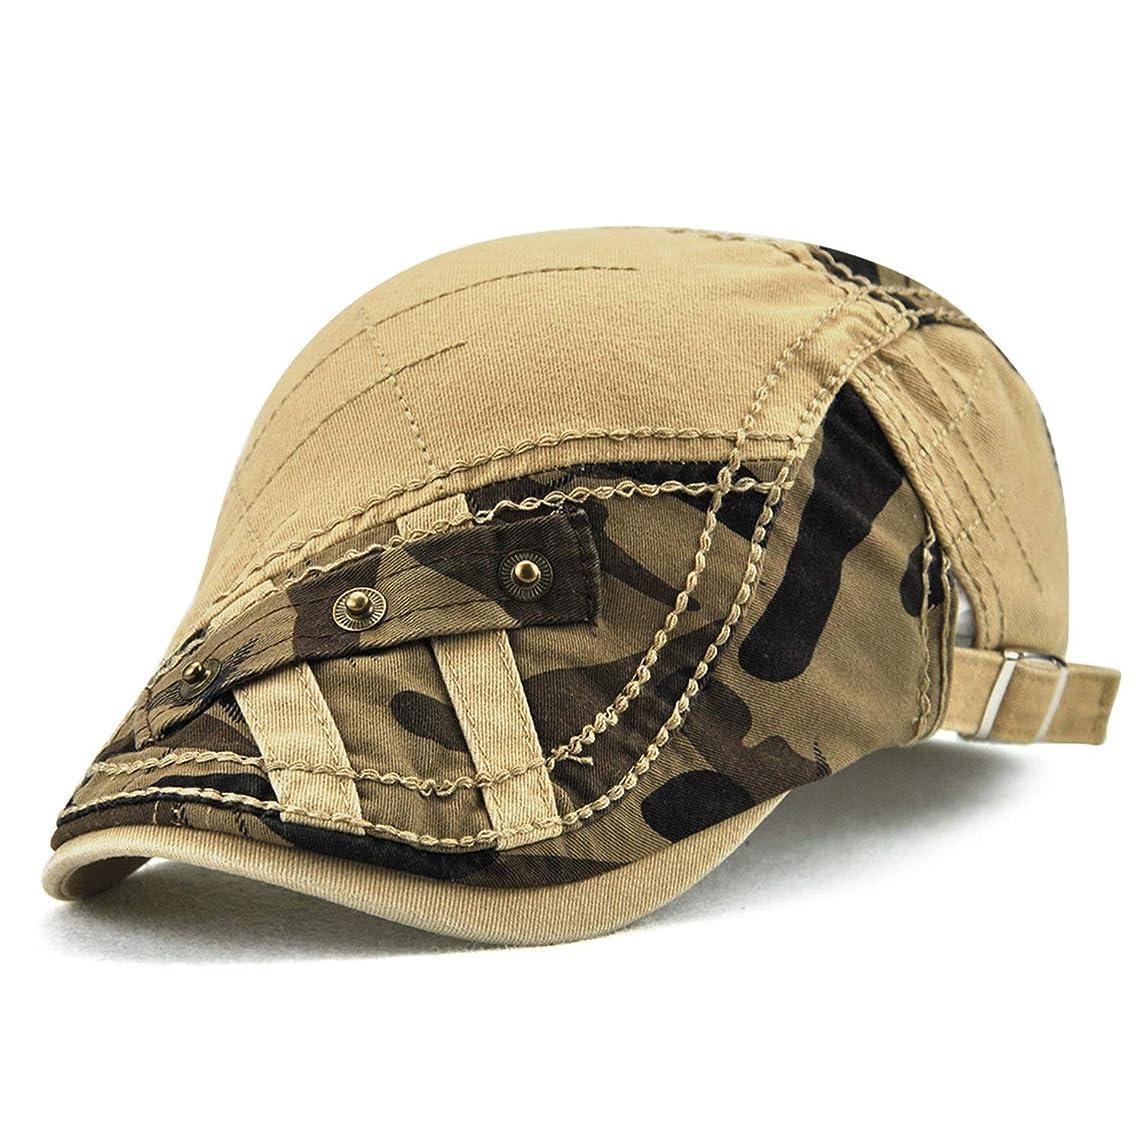 予測踏み台トークンSYMJP ハンチング帽子 メンズ キャスケット 綿 夏 釣り サイズ調整可能 シンプル 57cm?59cm 帽子